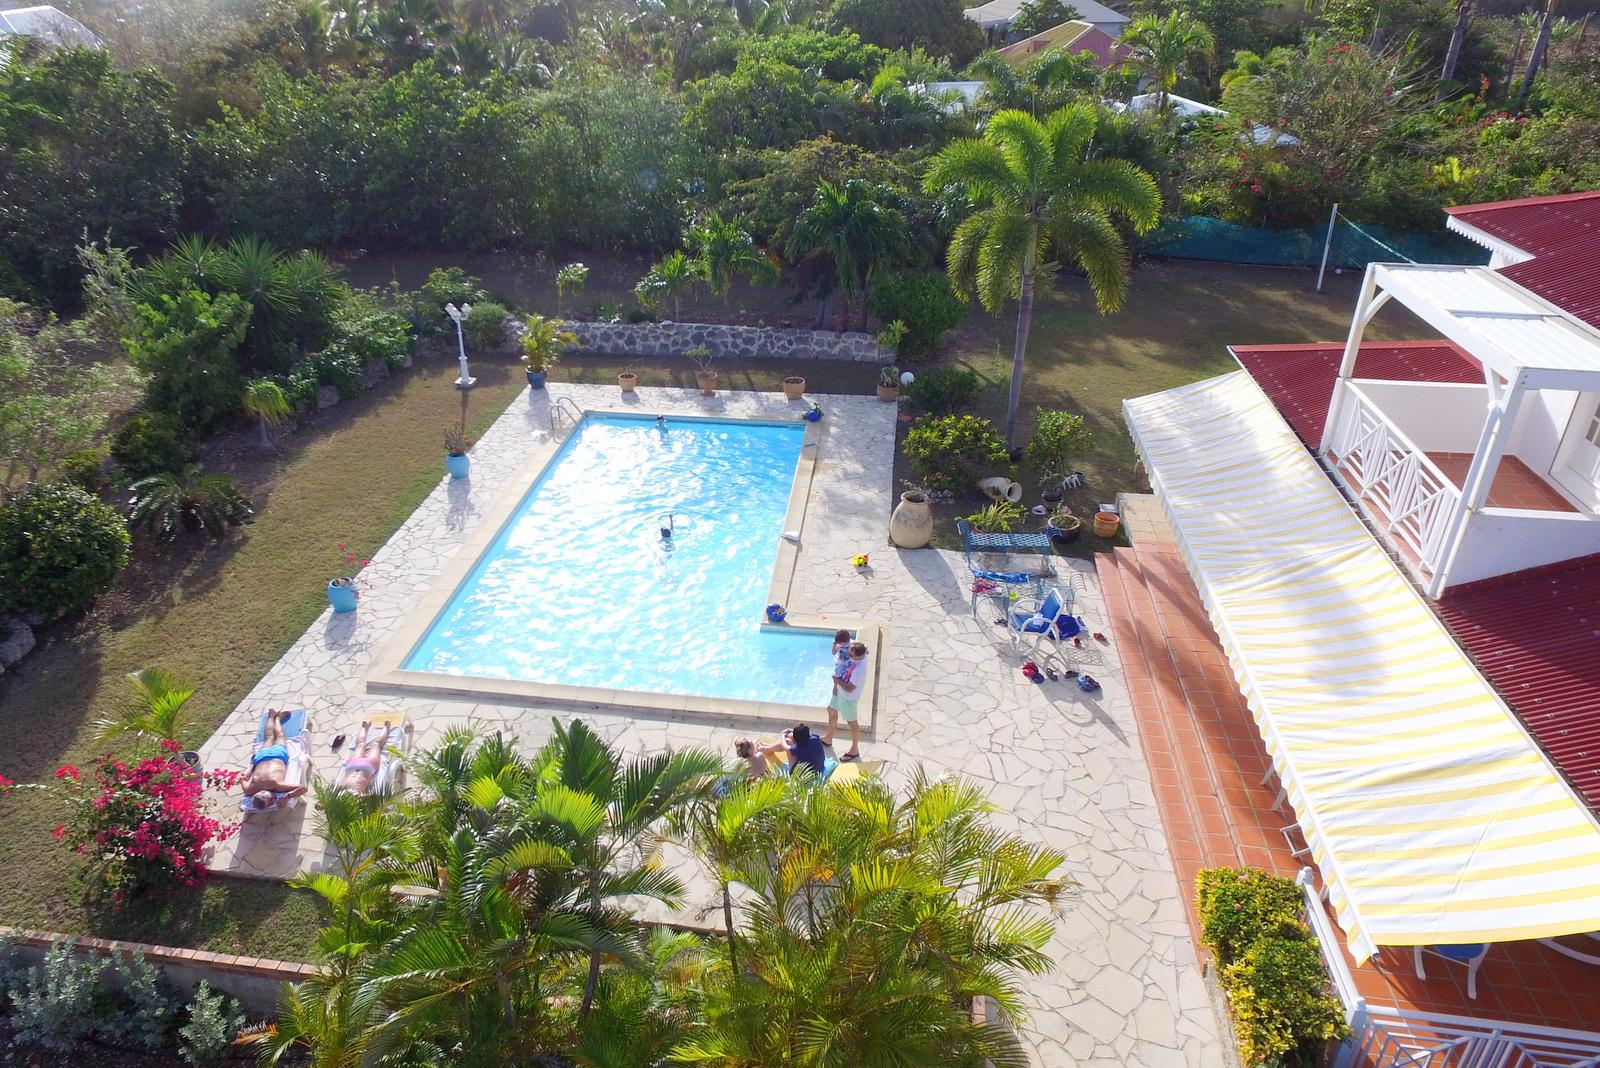 Location Vacances Villa Saint-François Antilles Guadeloupe à Piscine Saint Francois